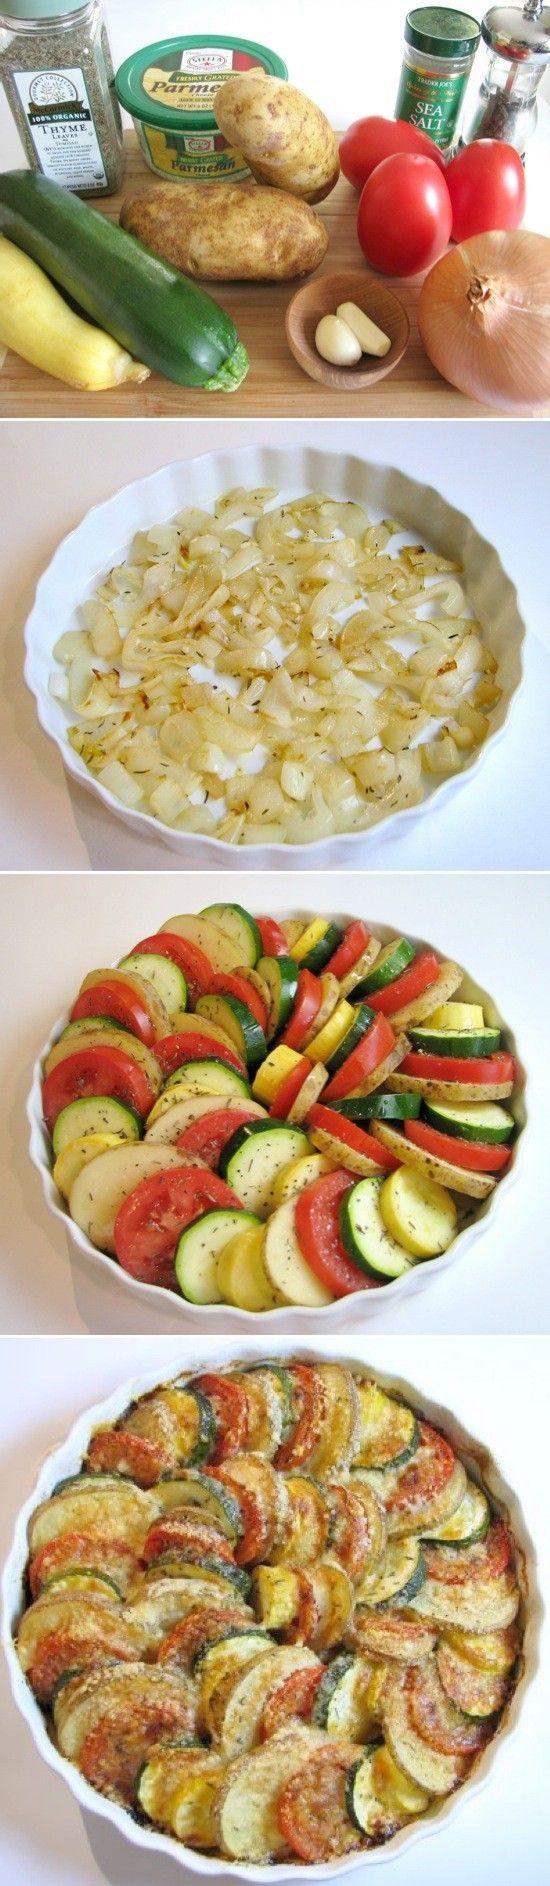 een heerlijke, gezonde ovenschotel. recept staat bij de reacties.